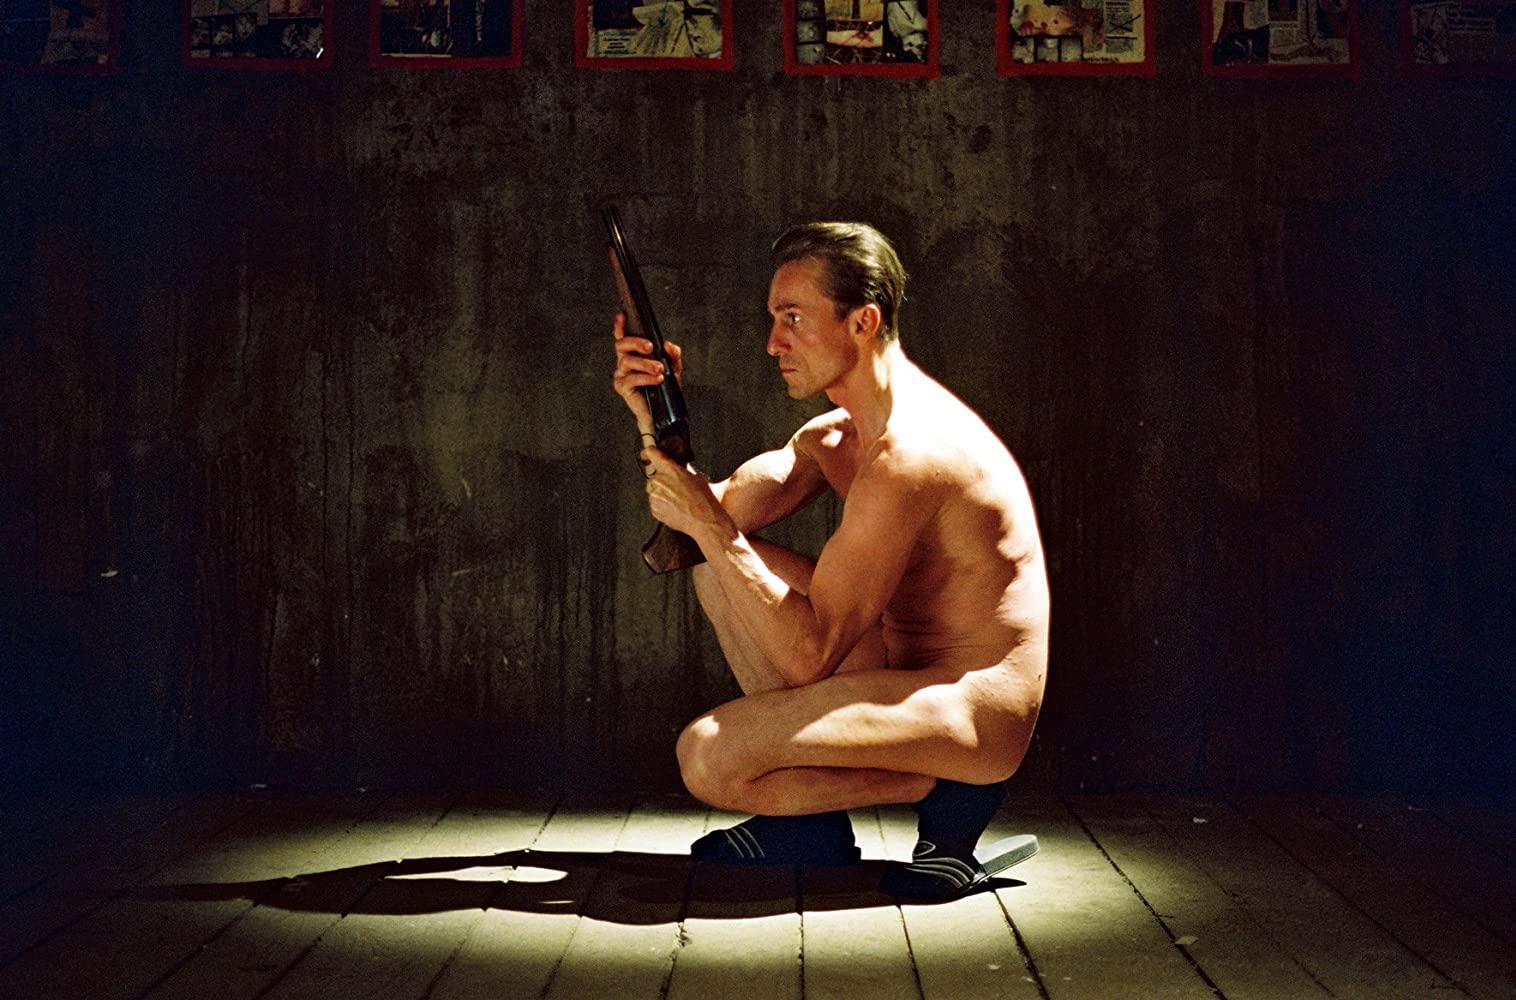 André M. Hennicke als pädophiler Serienmörder. Foto: Antikörper